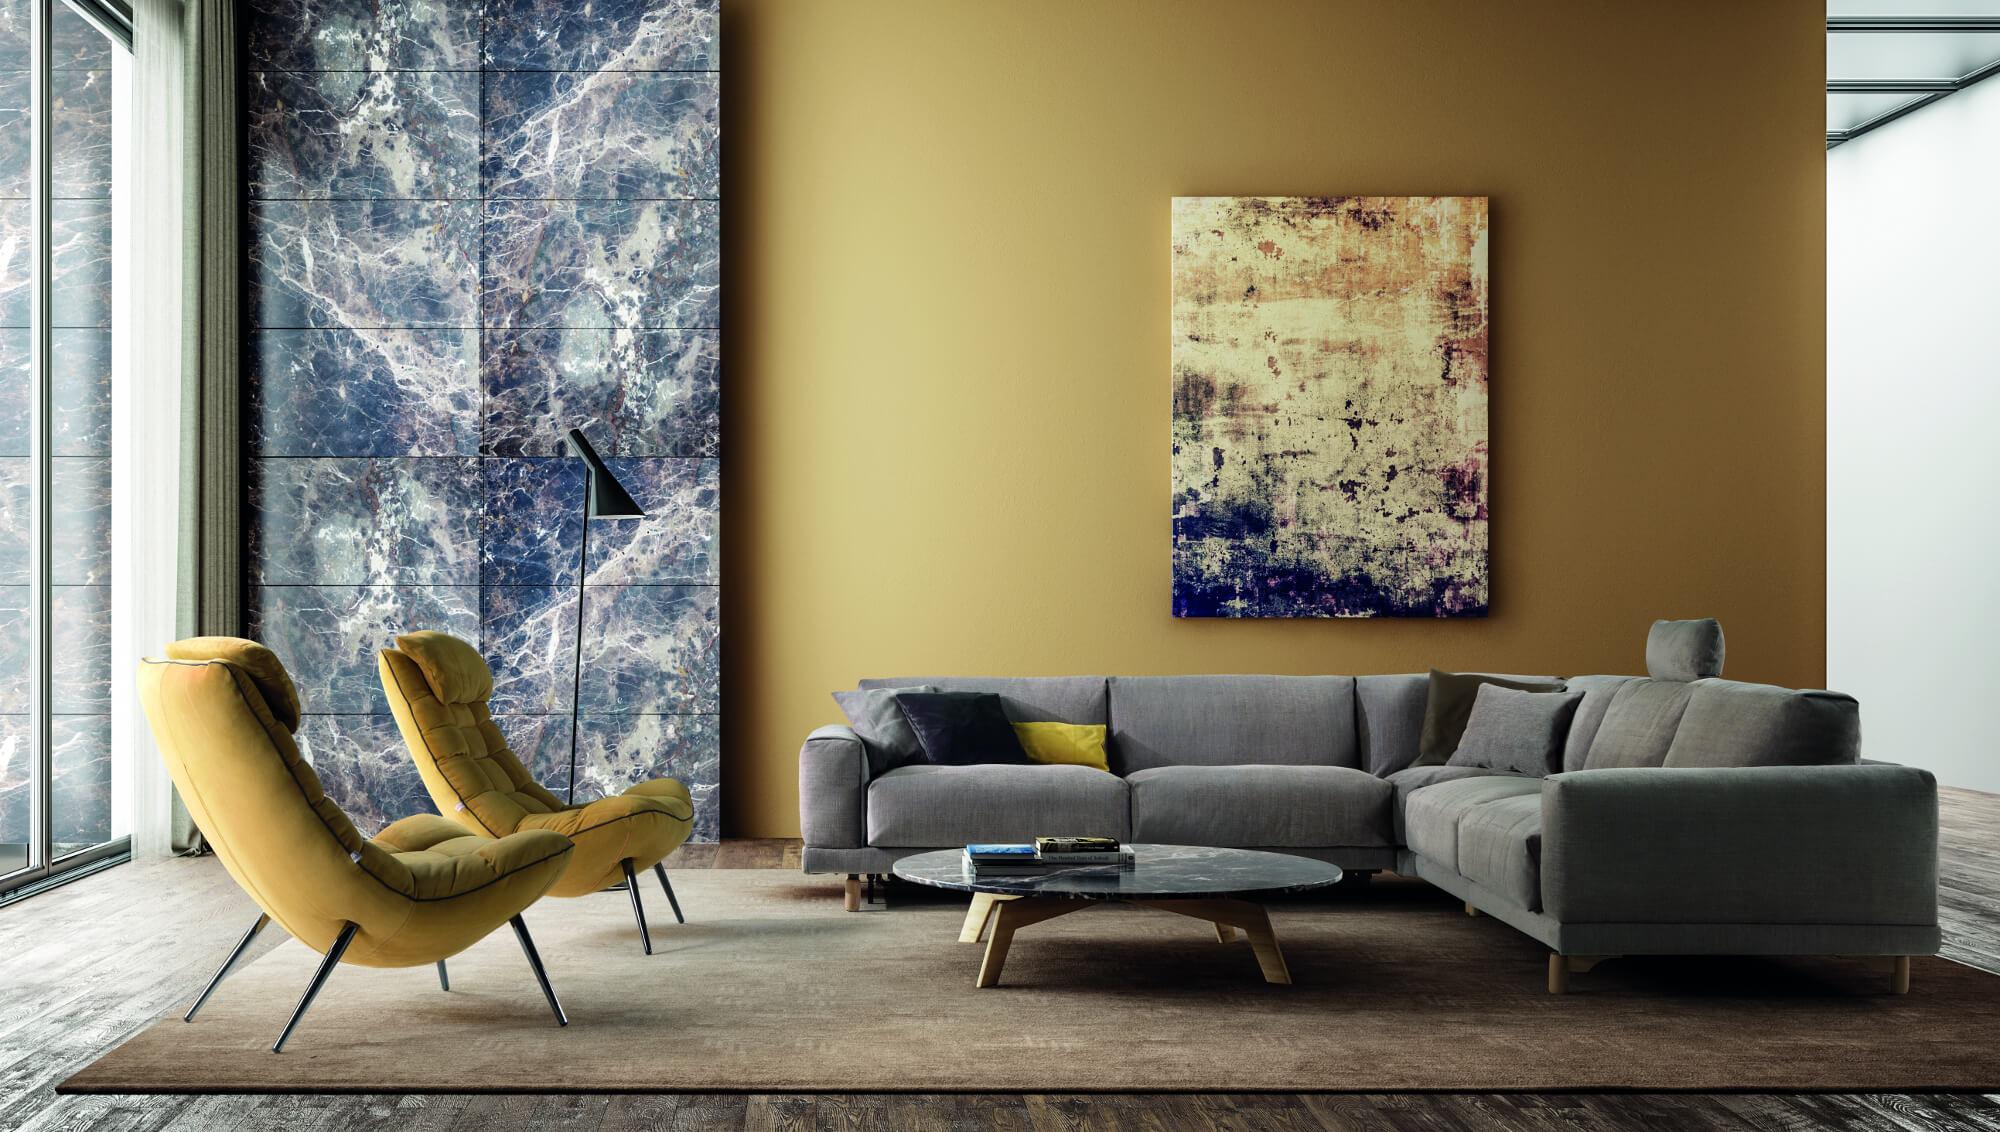 Collezione divani sofaform vendita e produzione divani for Collezione divani e divani